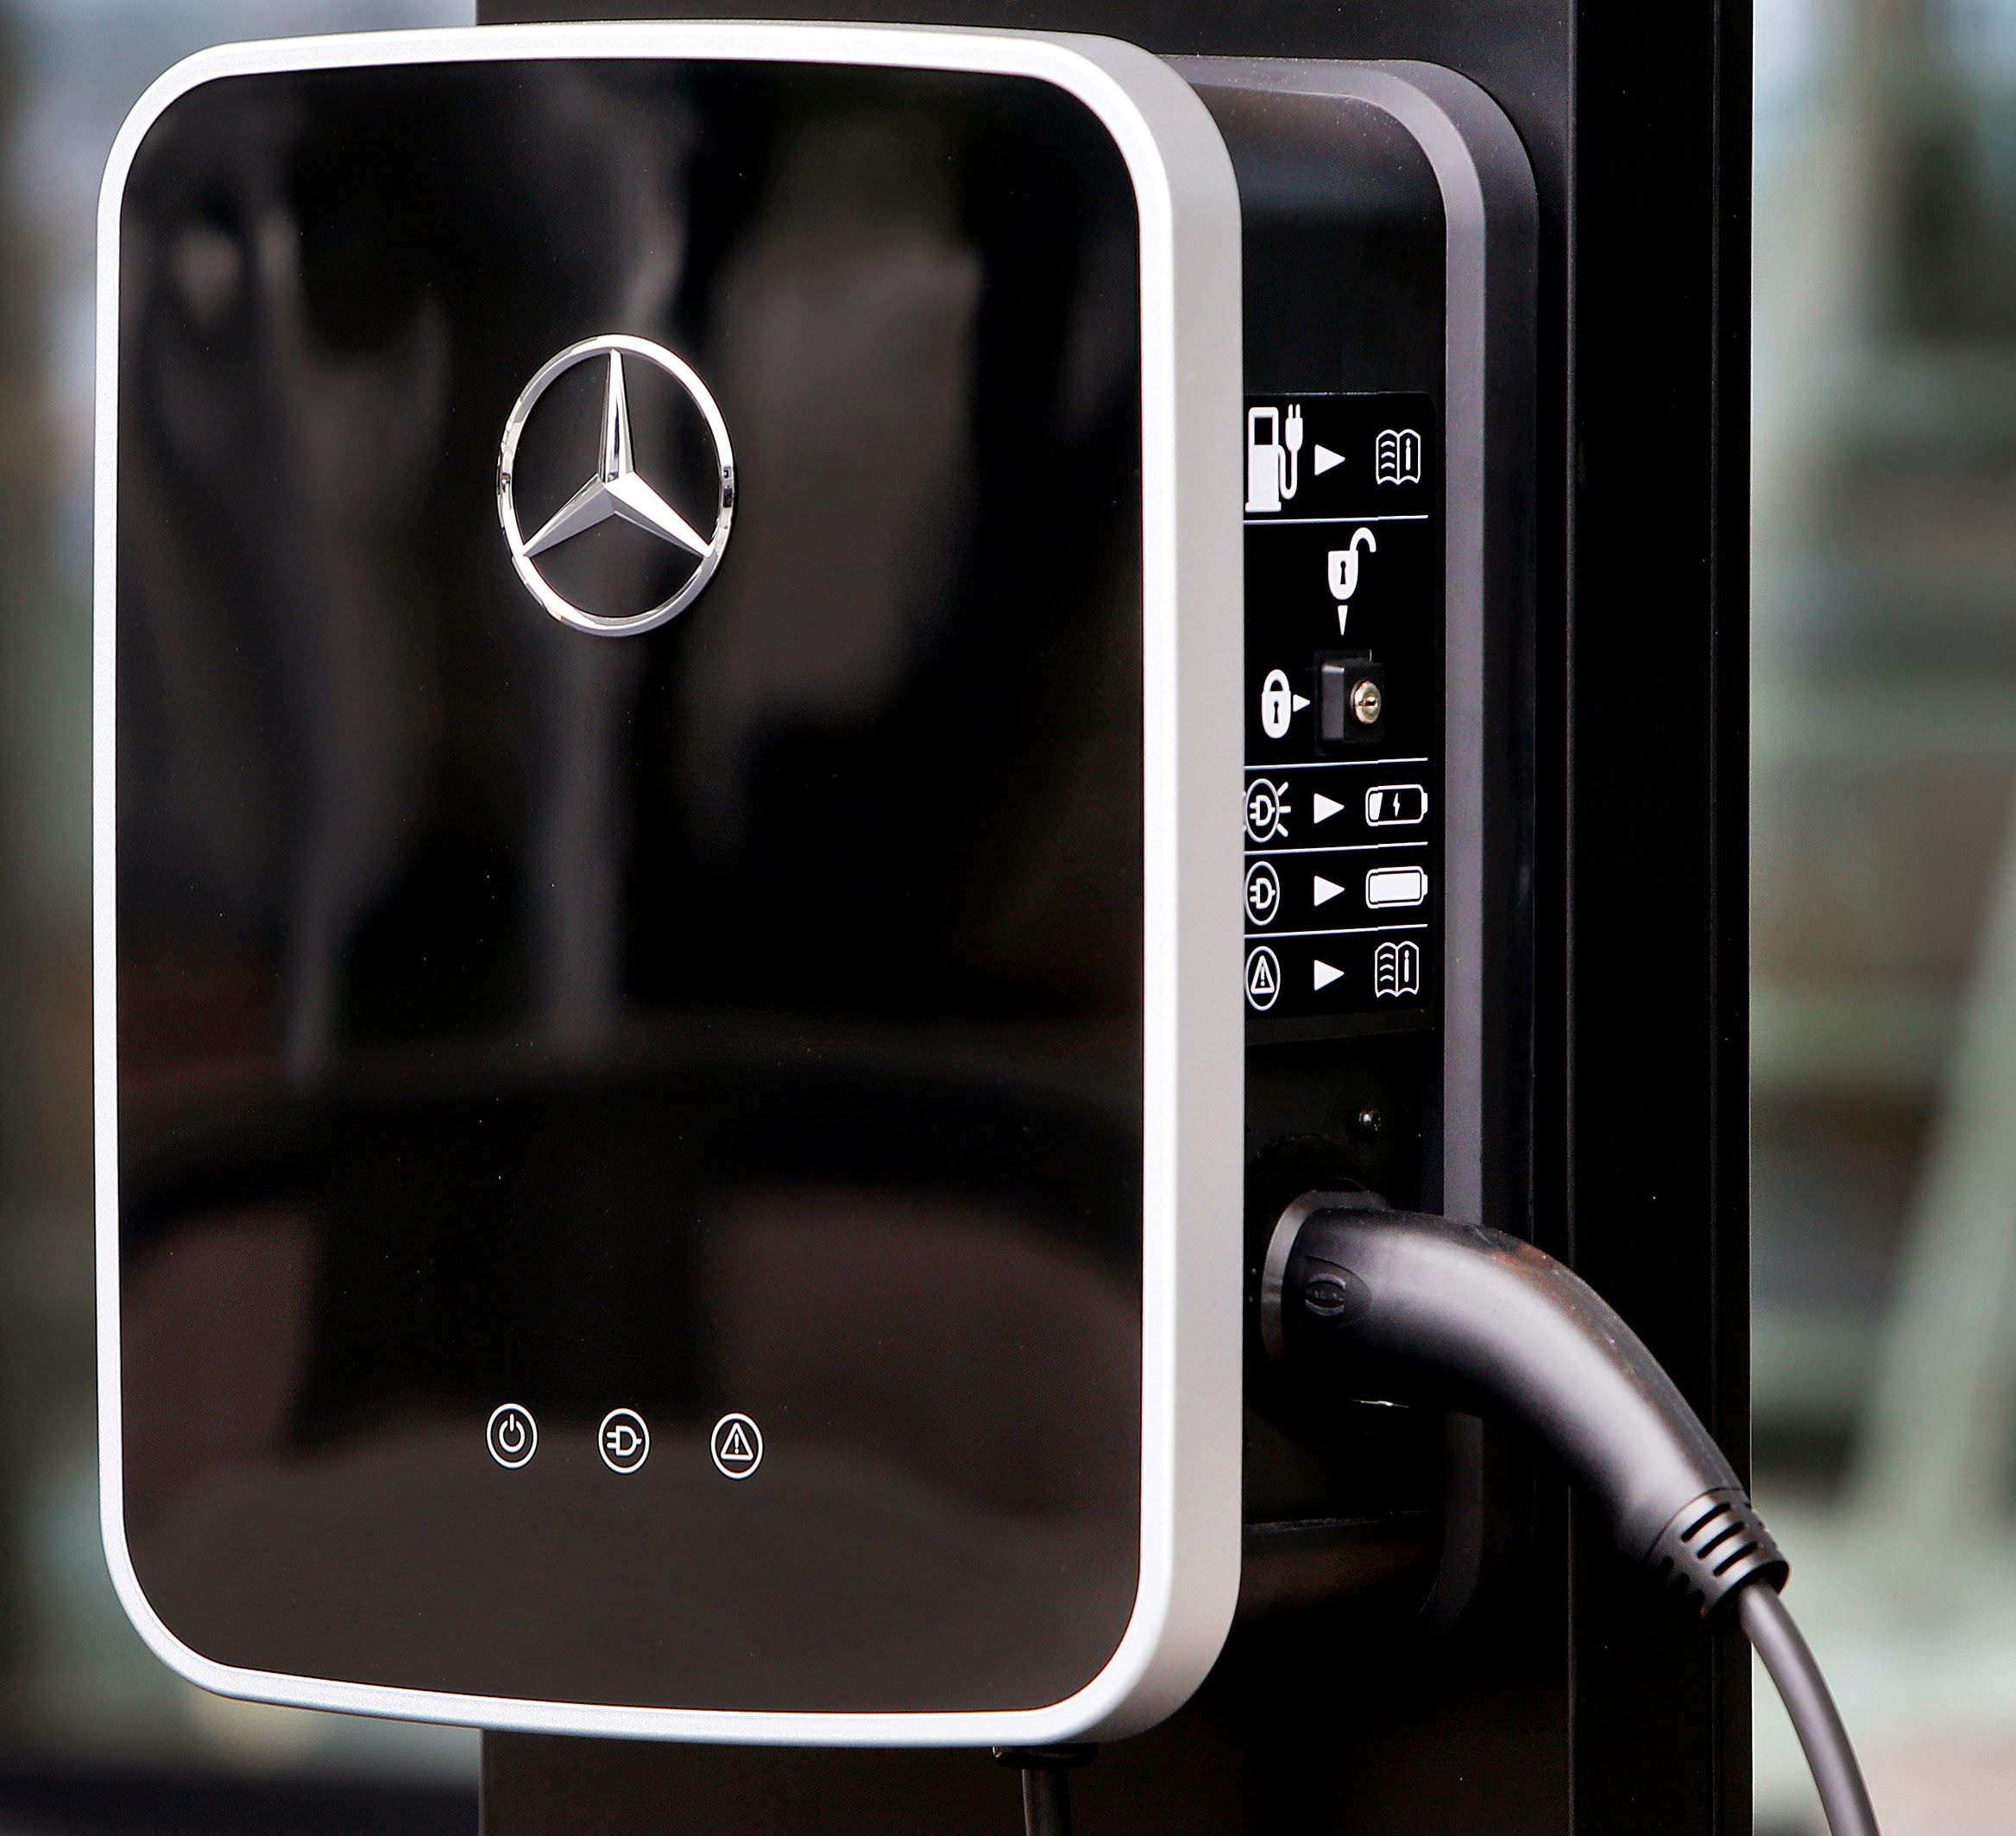 Mercedes-Benz To Invest $1 Billion In Alabama, Add 600 Jobs